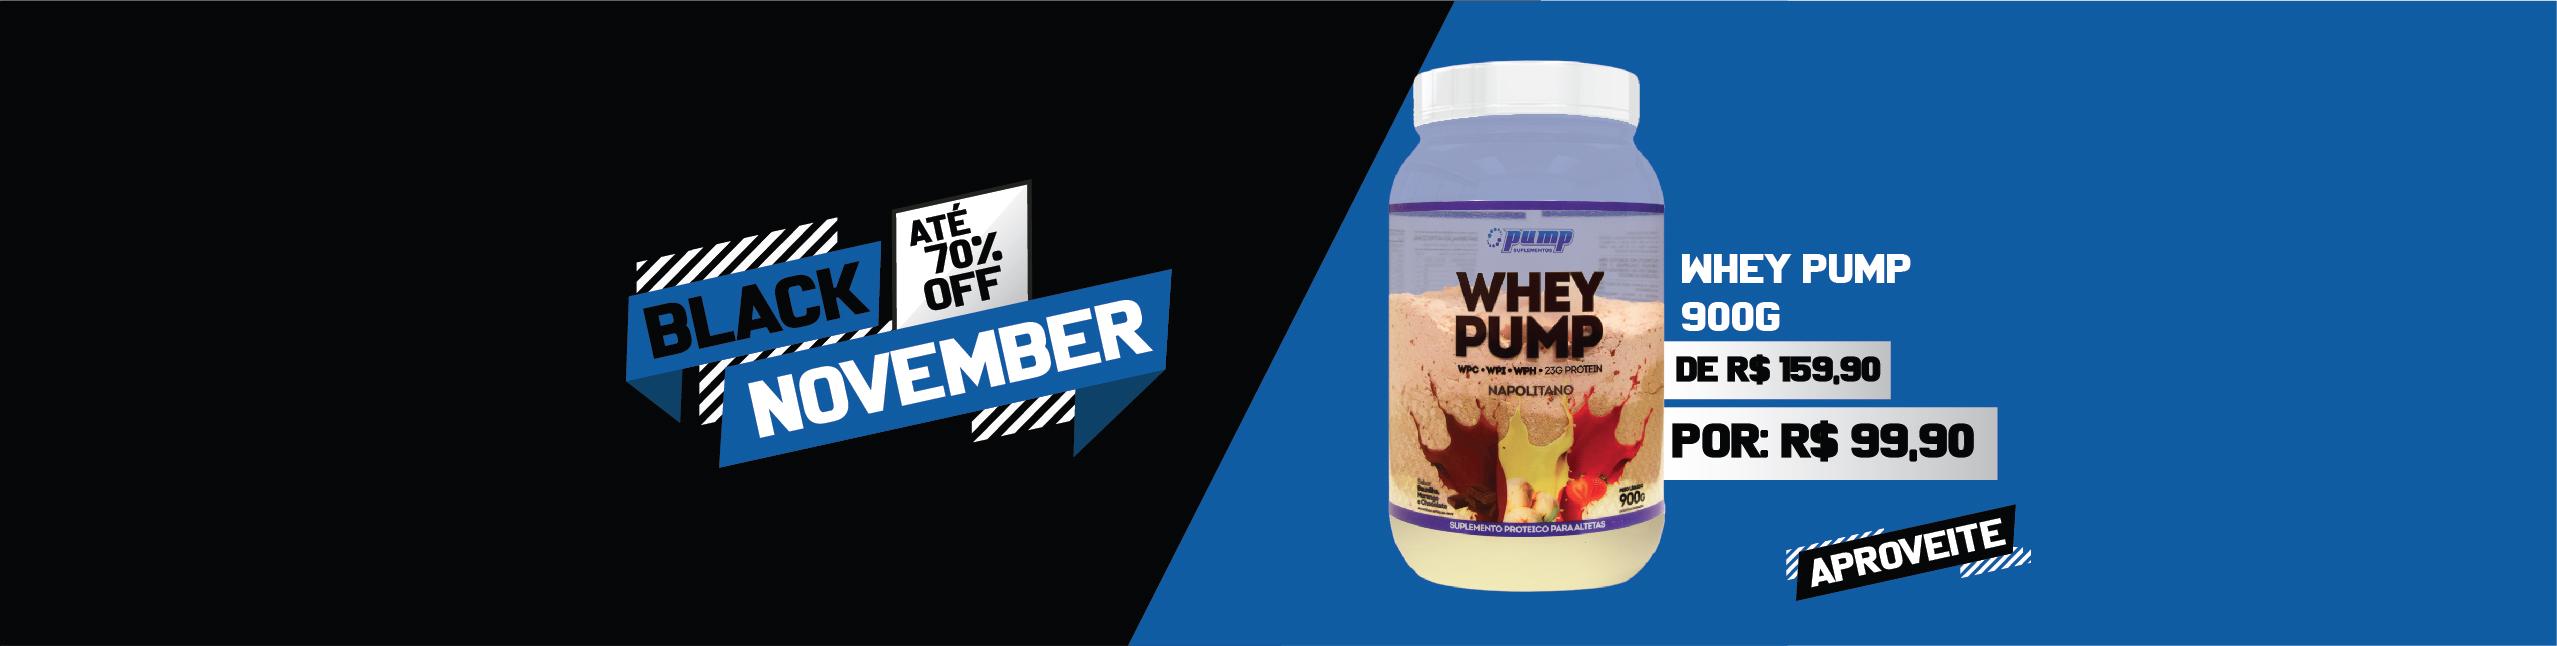 Whey Pump - R$159,90 por R$99,90